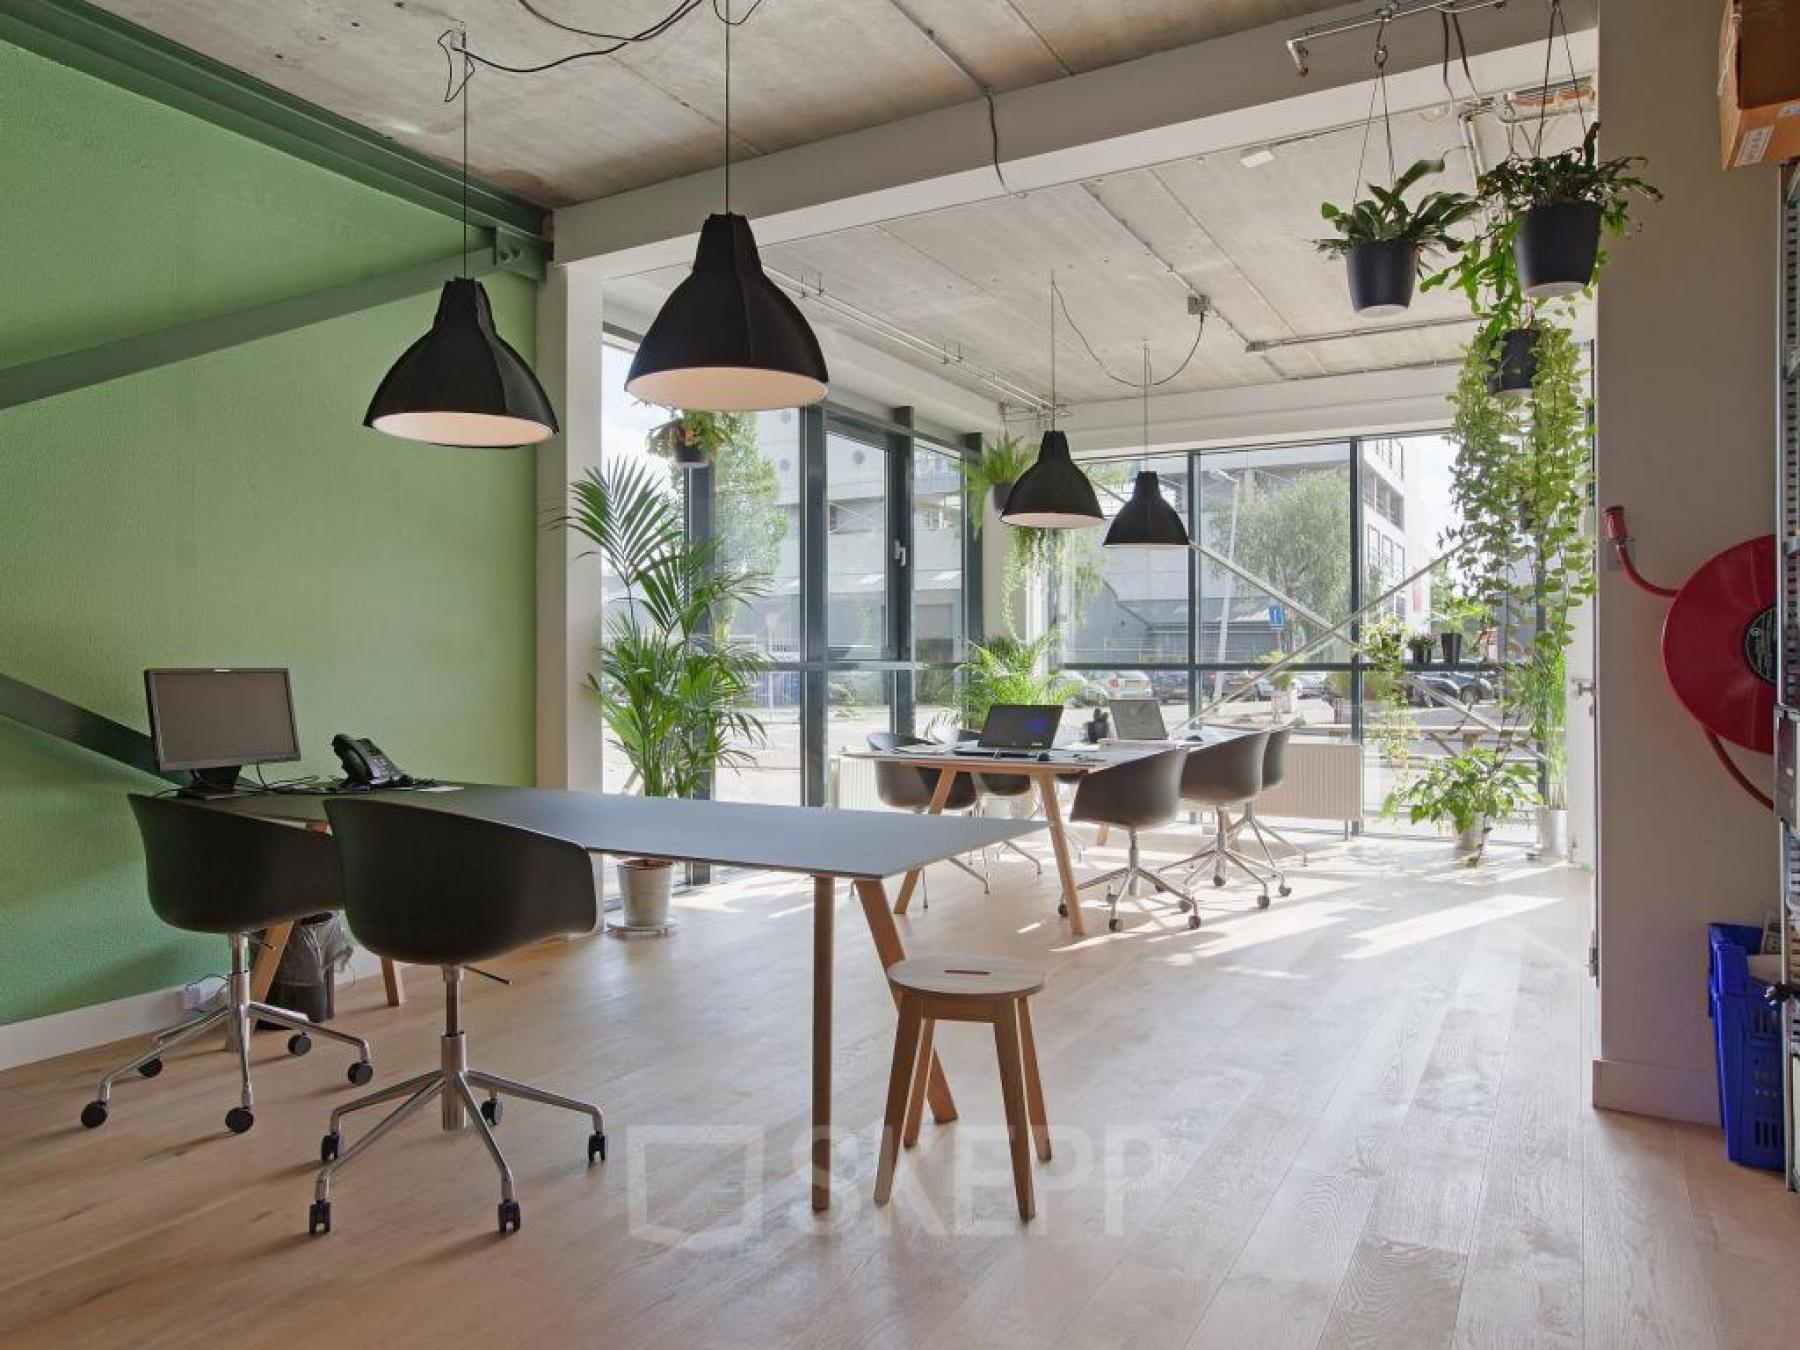 scandinavisch kantoordesign inrichting kantoorruimte kantoorplanten2